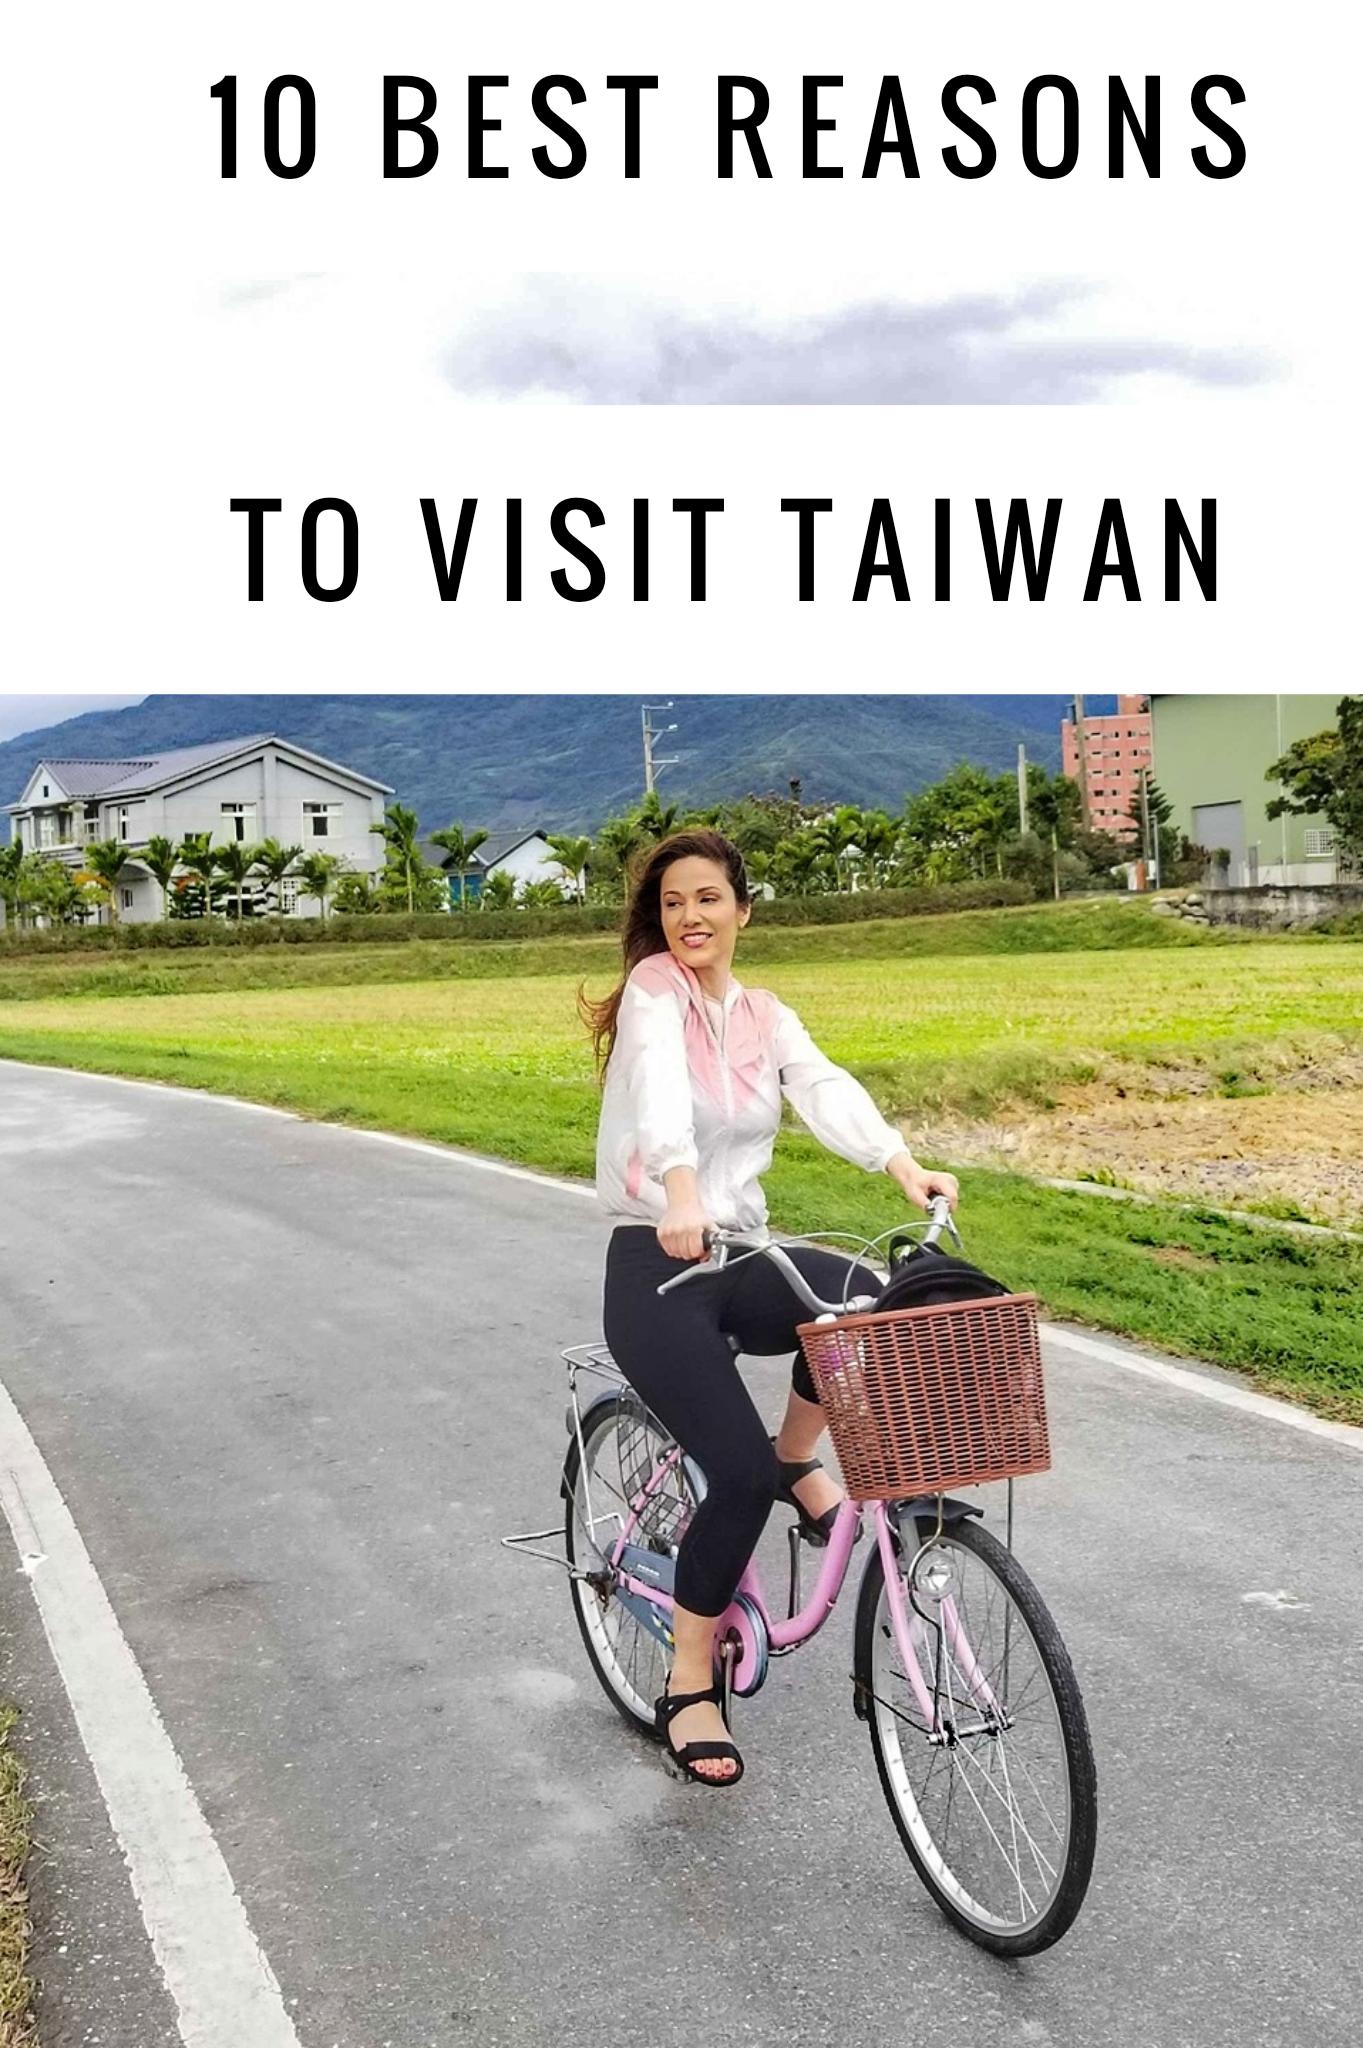 10 Reasons to Visit Taiwan